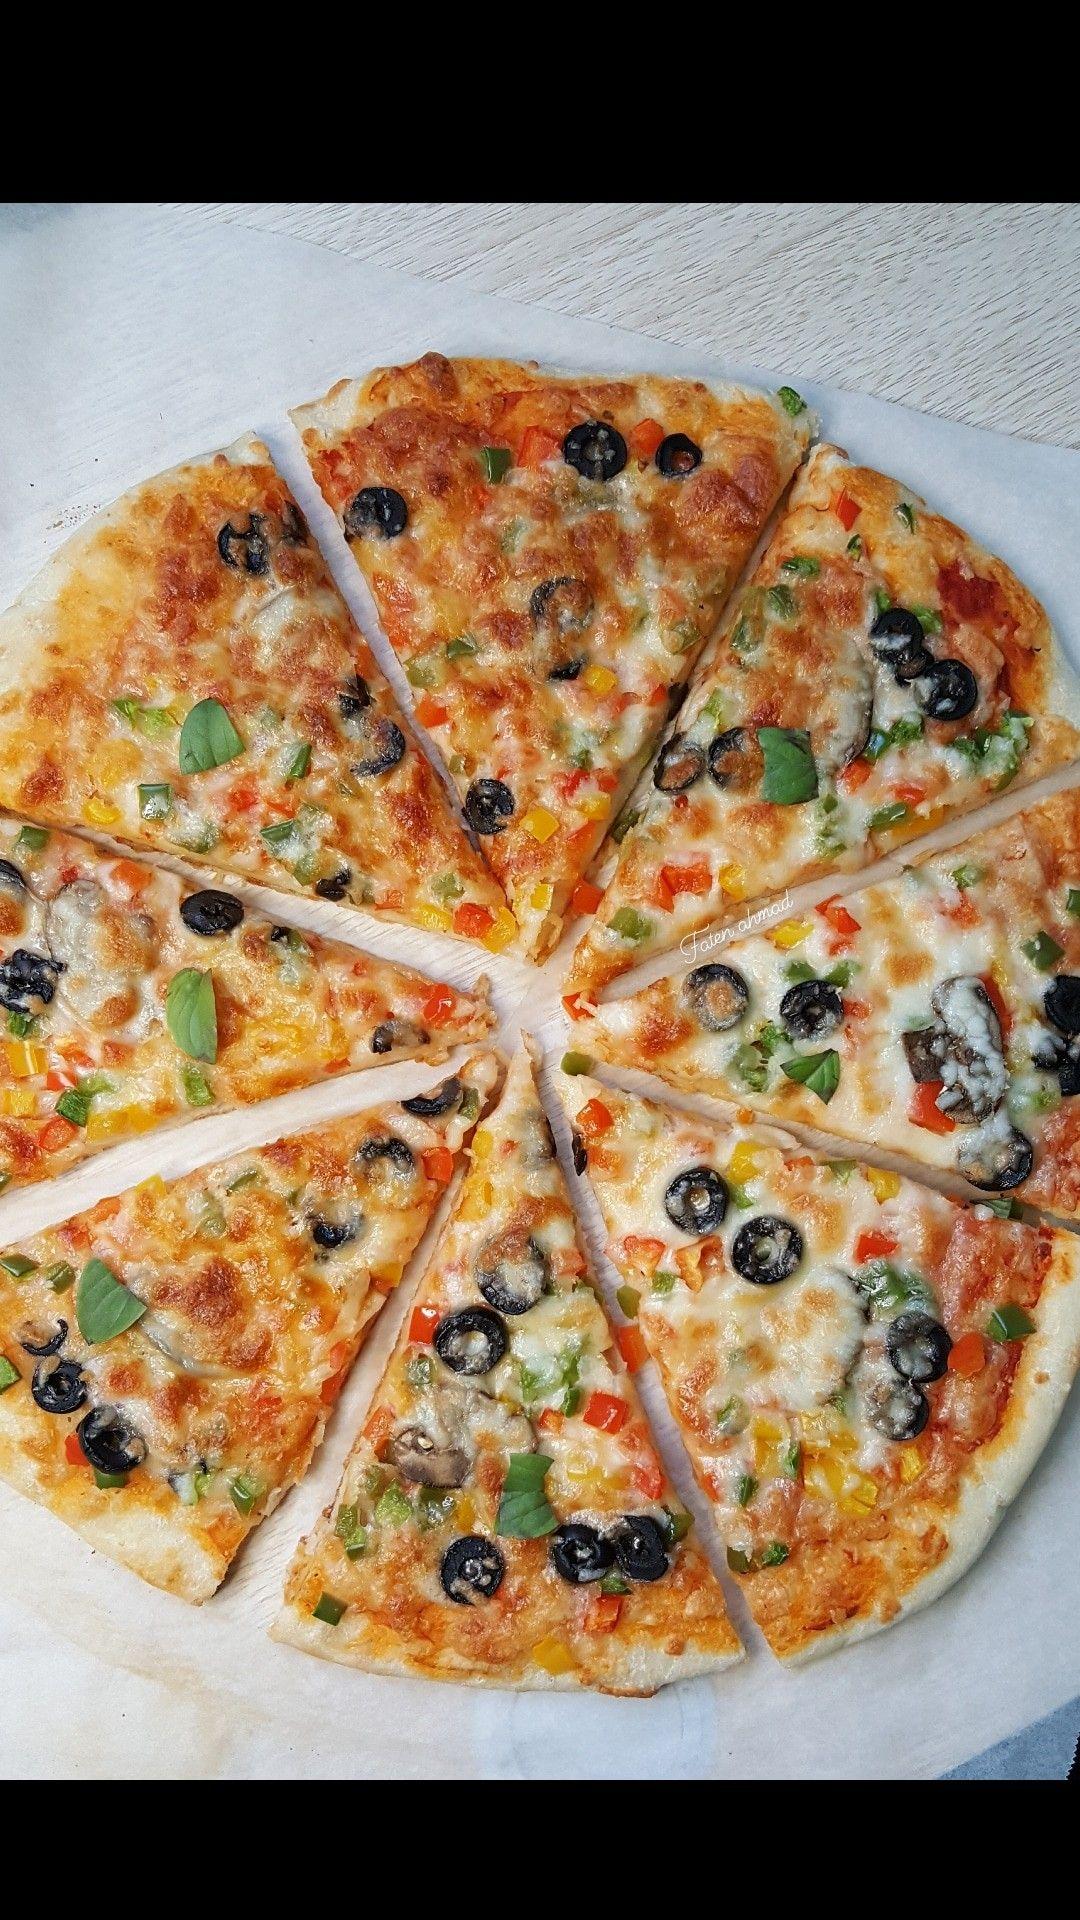 كيف ممكن تعملي بيتزا ايطالية وعلى اصولها من دون بيض وزيت وحليب بعجينة رائعة Italian Pizza Recipe Vegetable Pizza Food Pizza